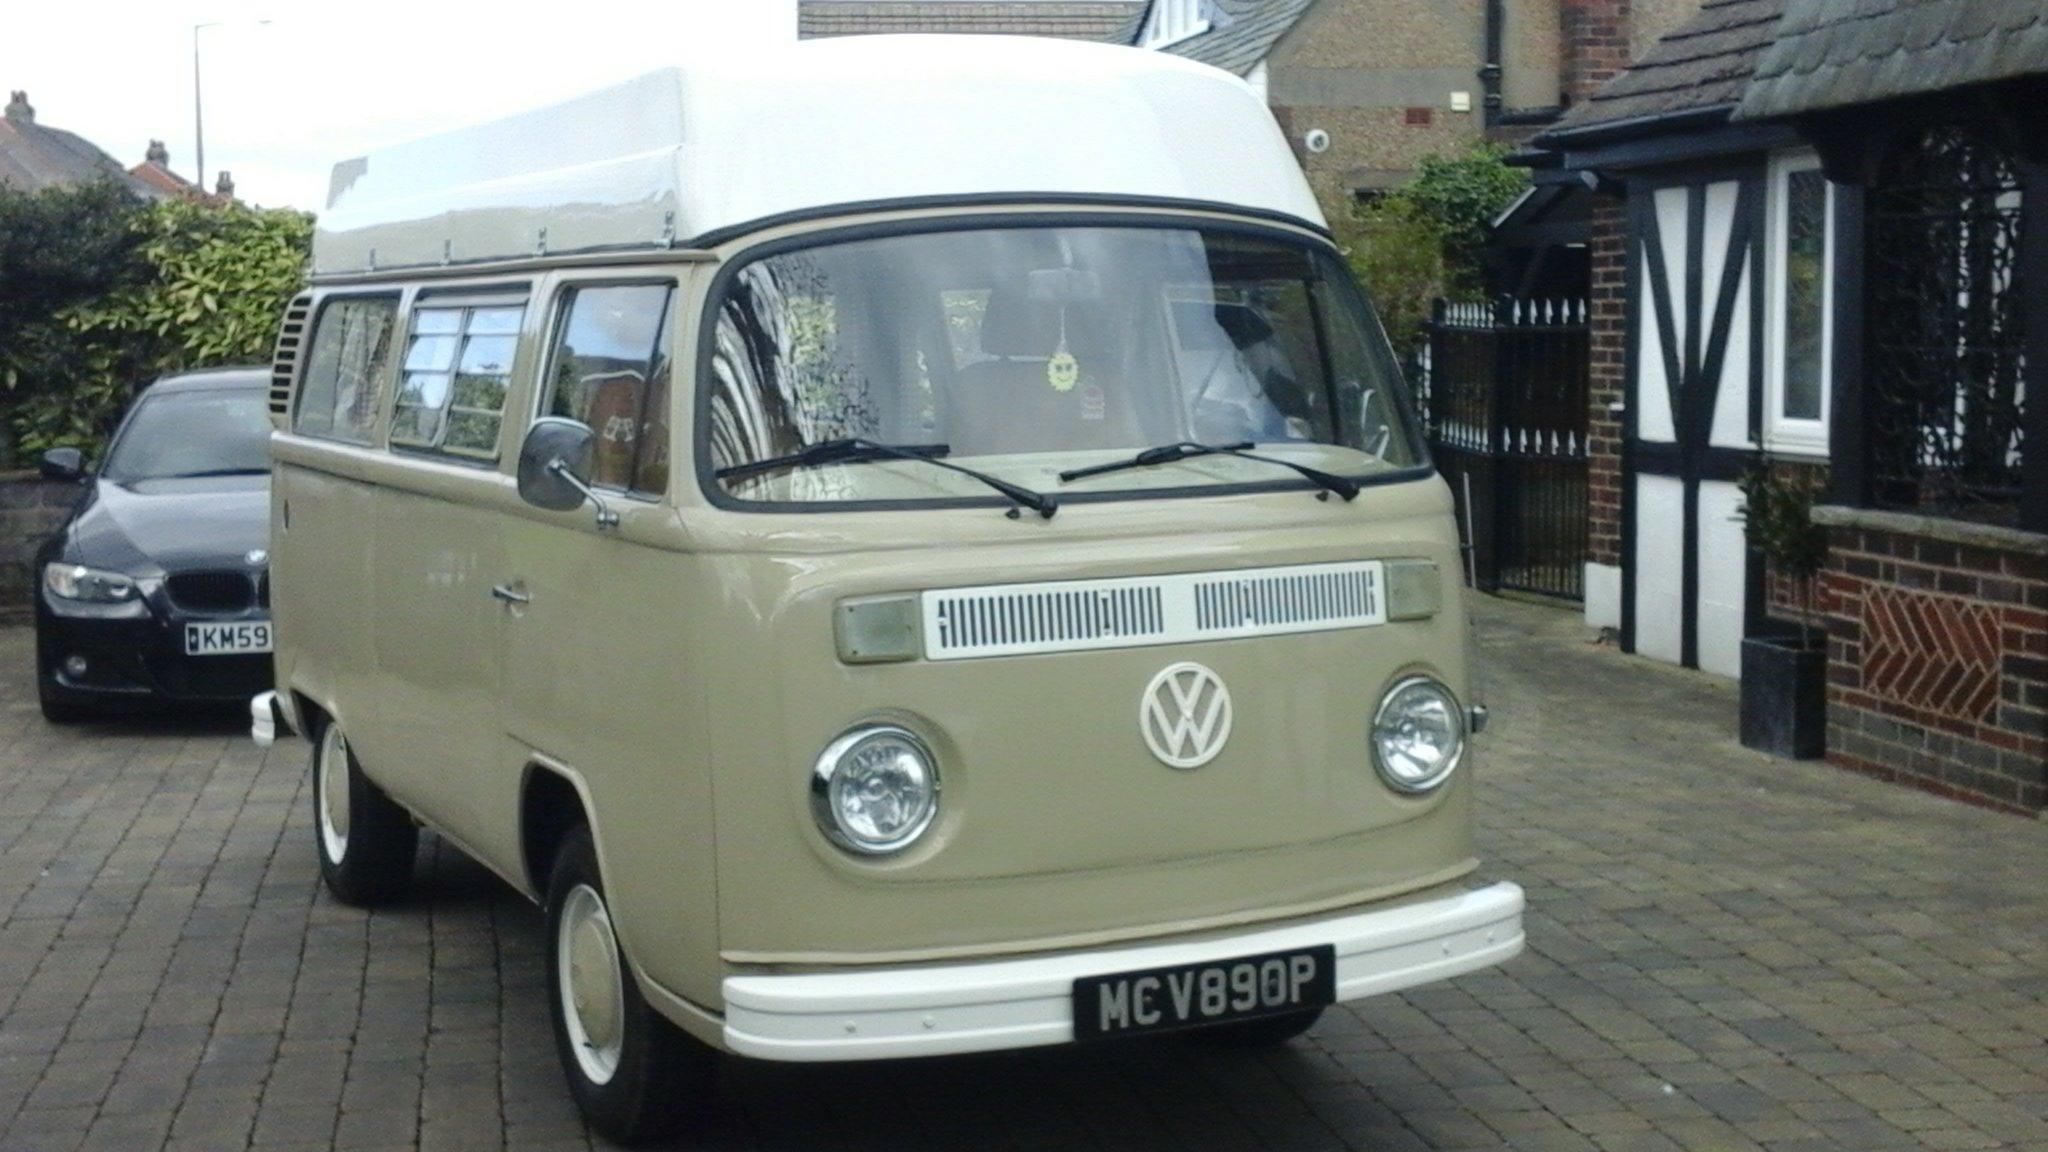 1976 VW VOLKSWAGEN T2 TYPE2 BAYWINDOW CAMPER VAN For Sale (picture 2 of 6)